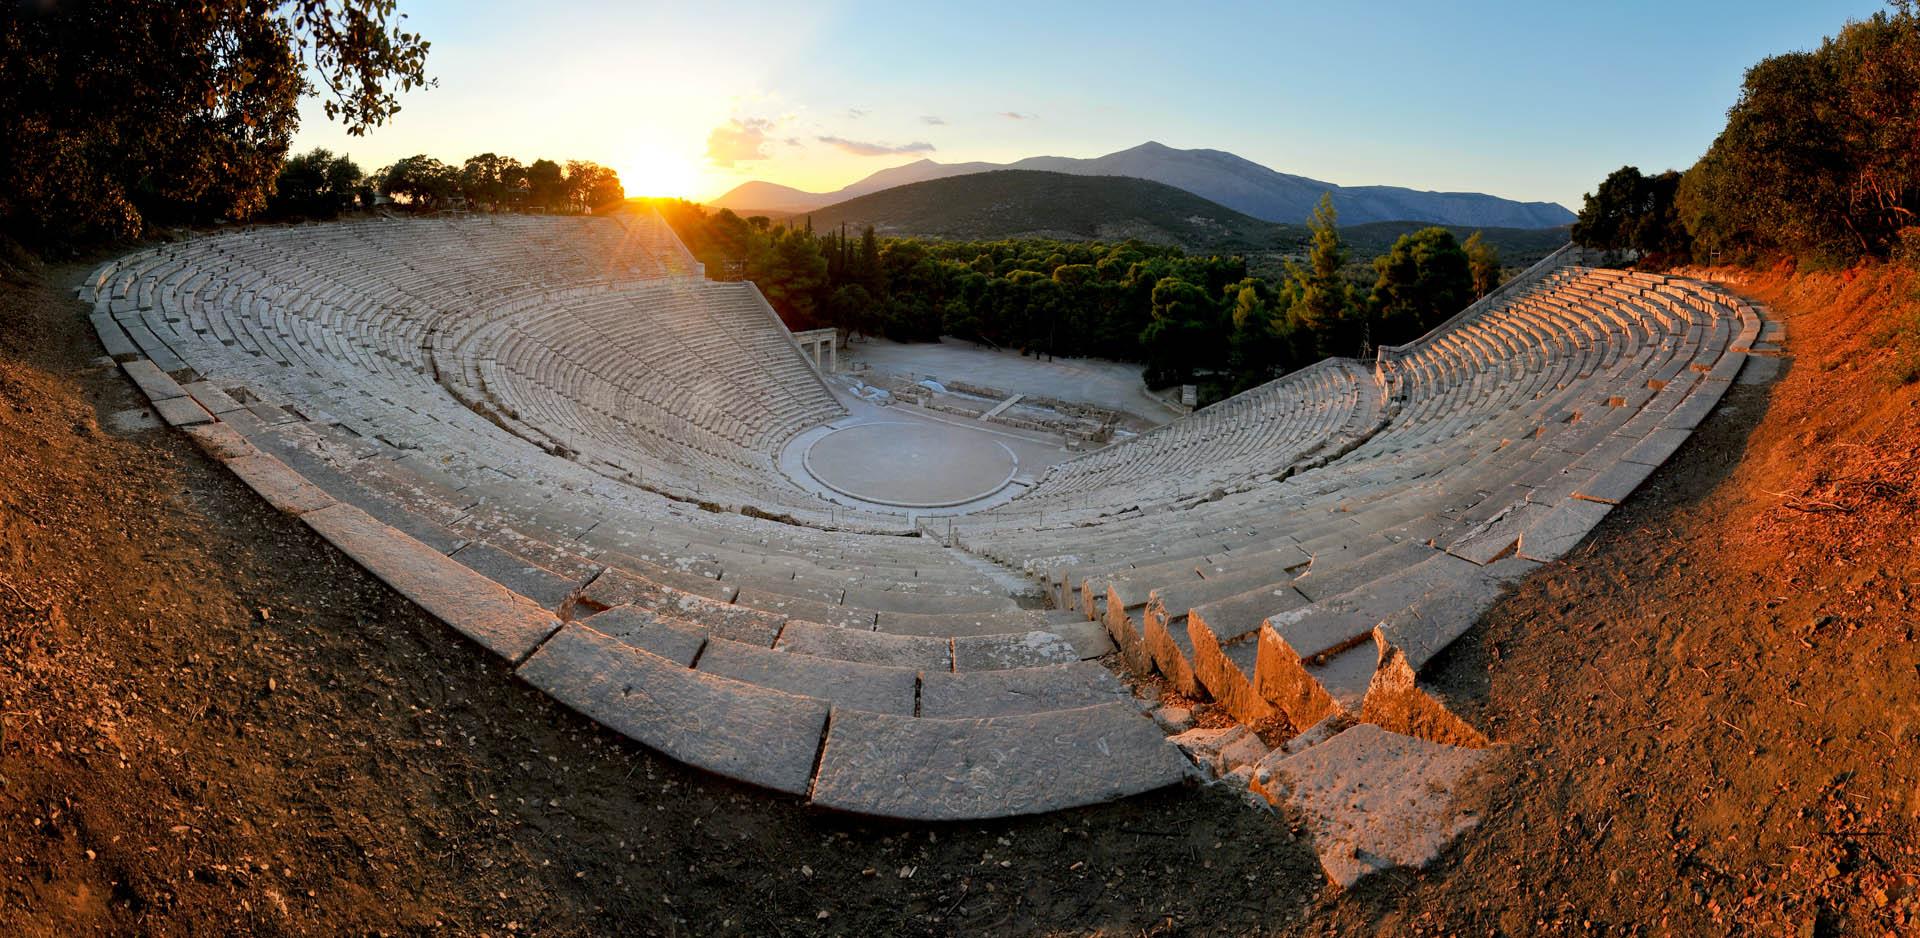 Αποτέλεσμα εικόνας για epidaurus theatre